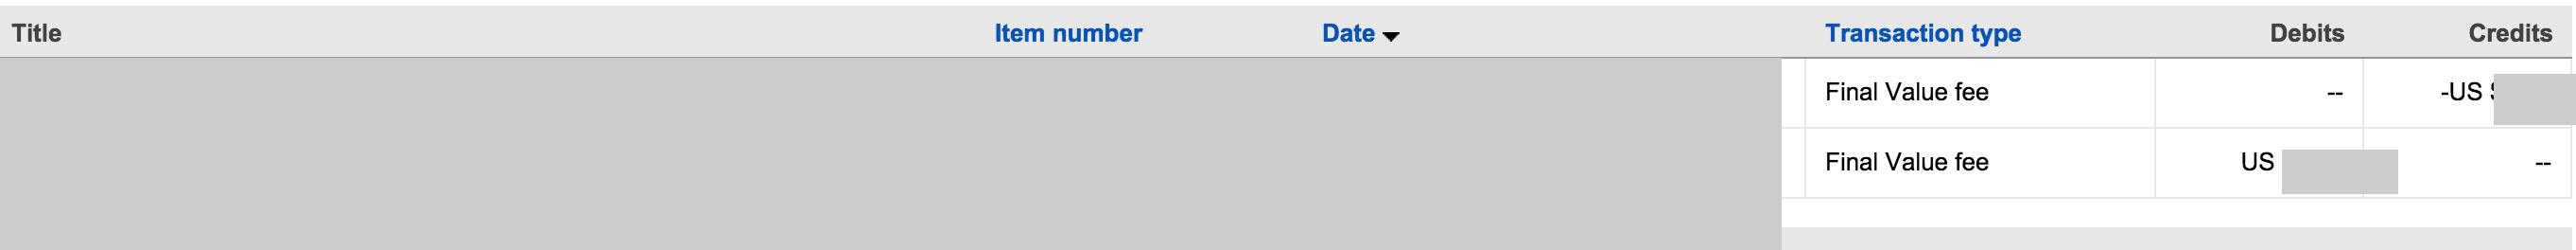 スクリーンショット 2014-11-28 18.58.25